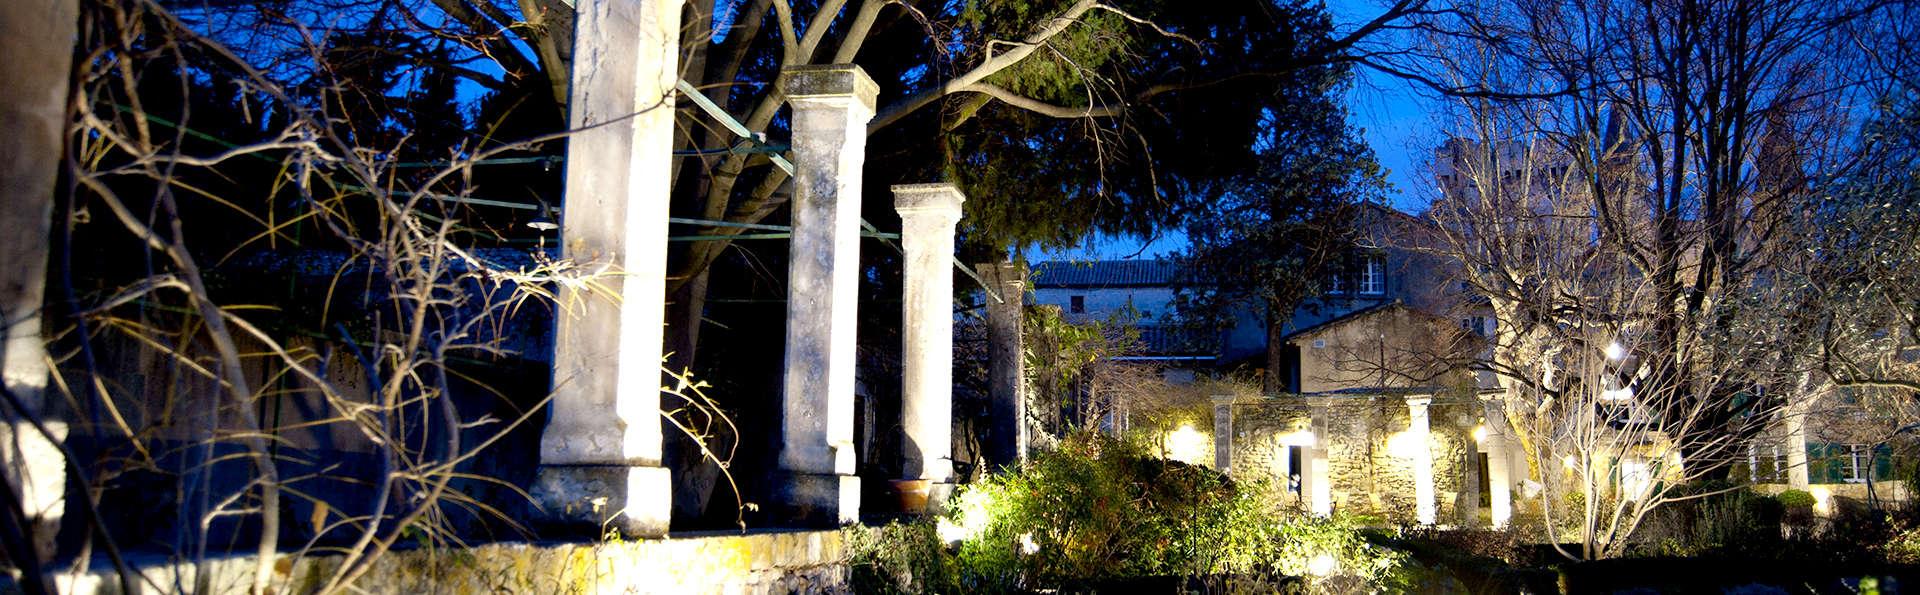 Le Prieuré - Villeneuve les Avignon - Edit_View.jpg